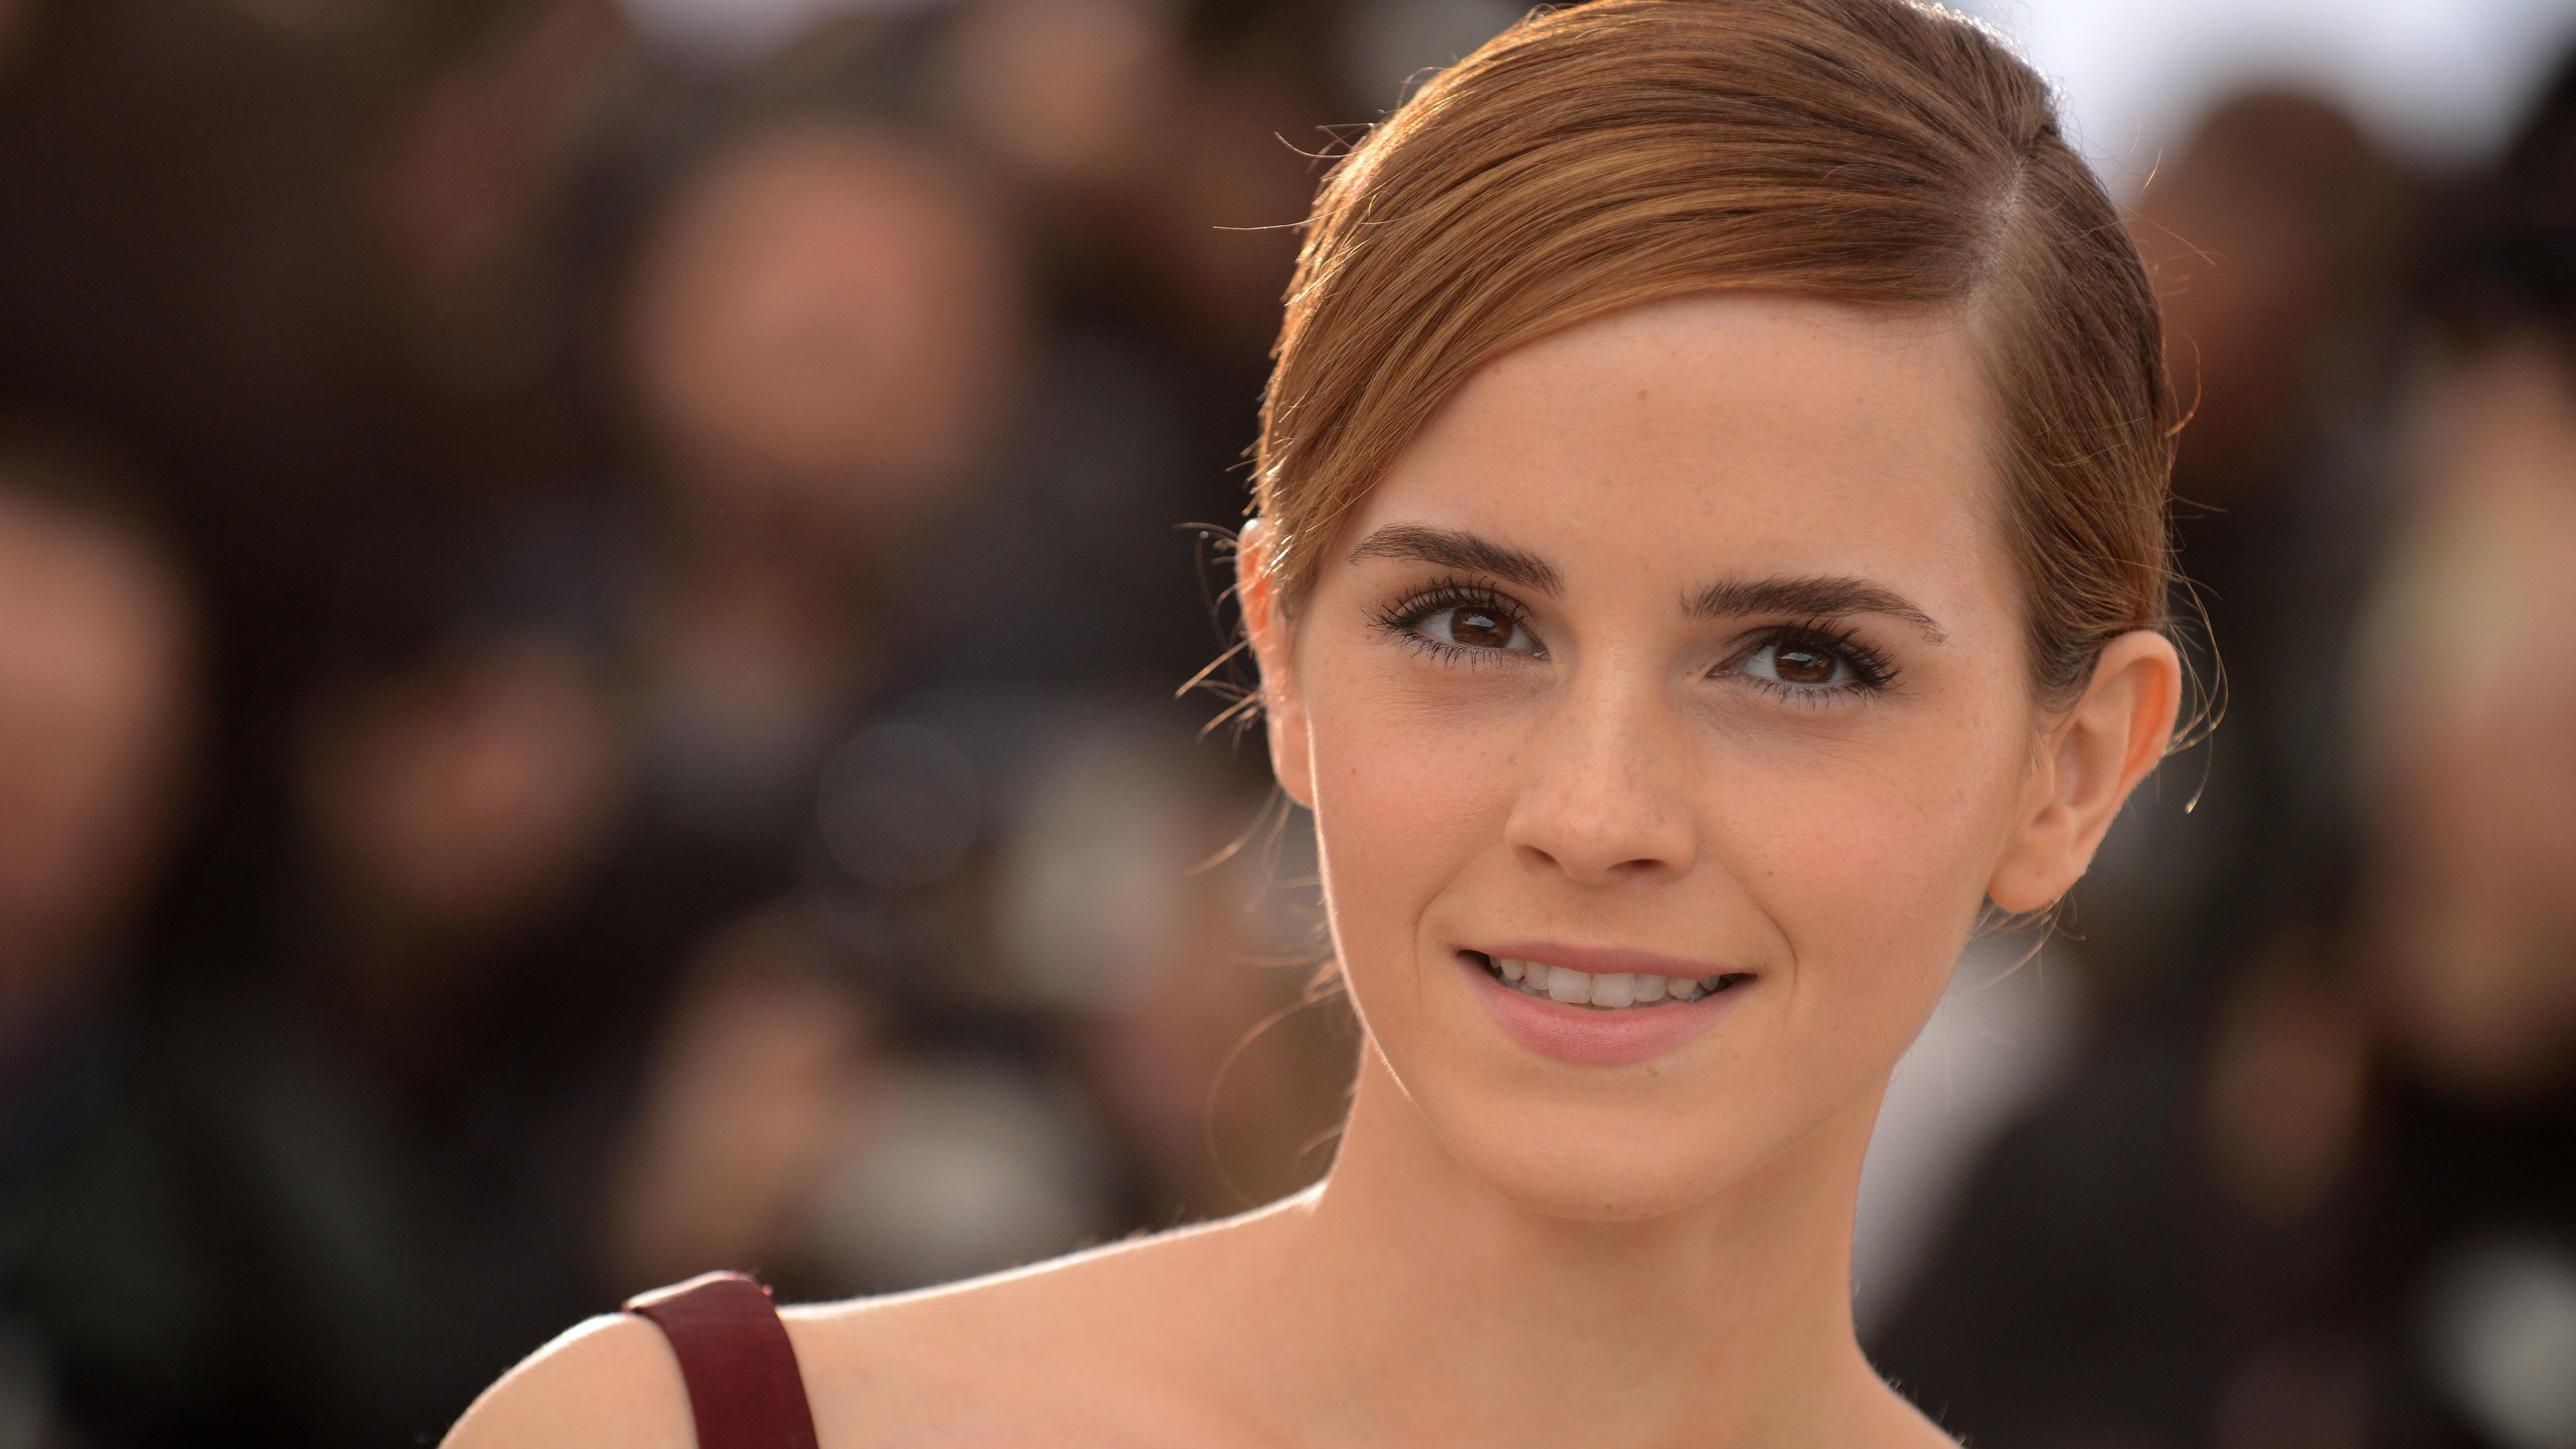 2017 emma watson 1536857870 - 2017 Emma Watson - hd-wallpapers, girls wallpapers, emma watson wallpapers, celebrities wallpapers, 5k wallpapers, 4k-wallpapers